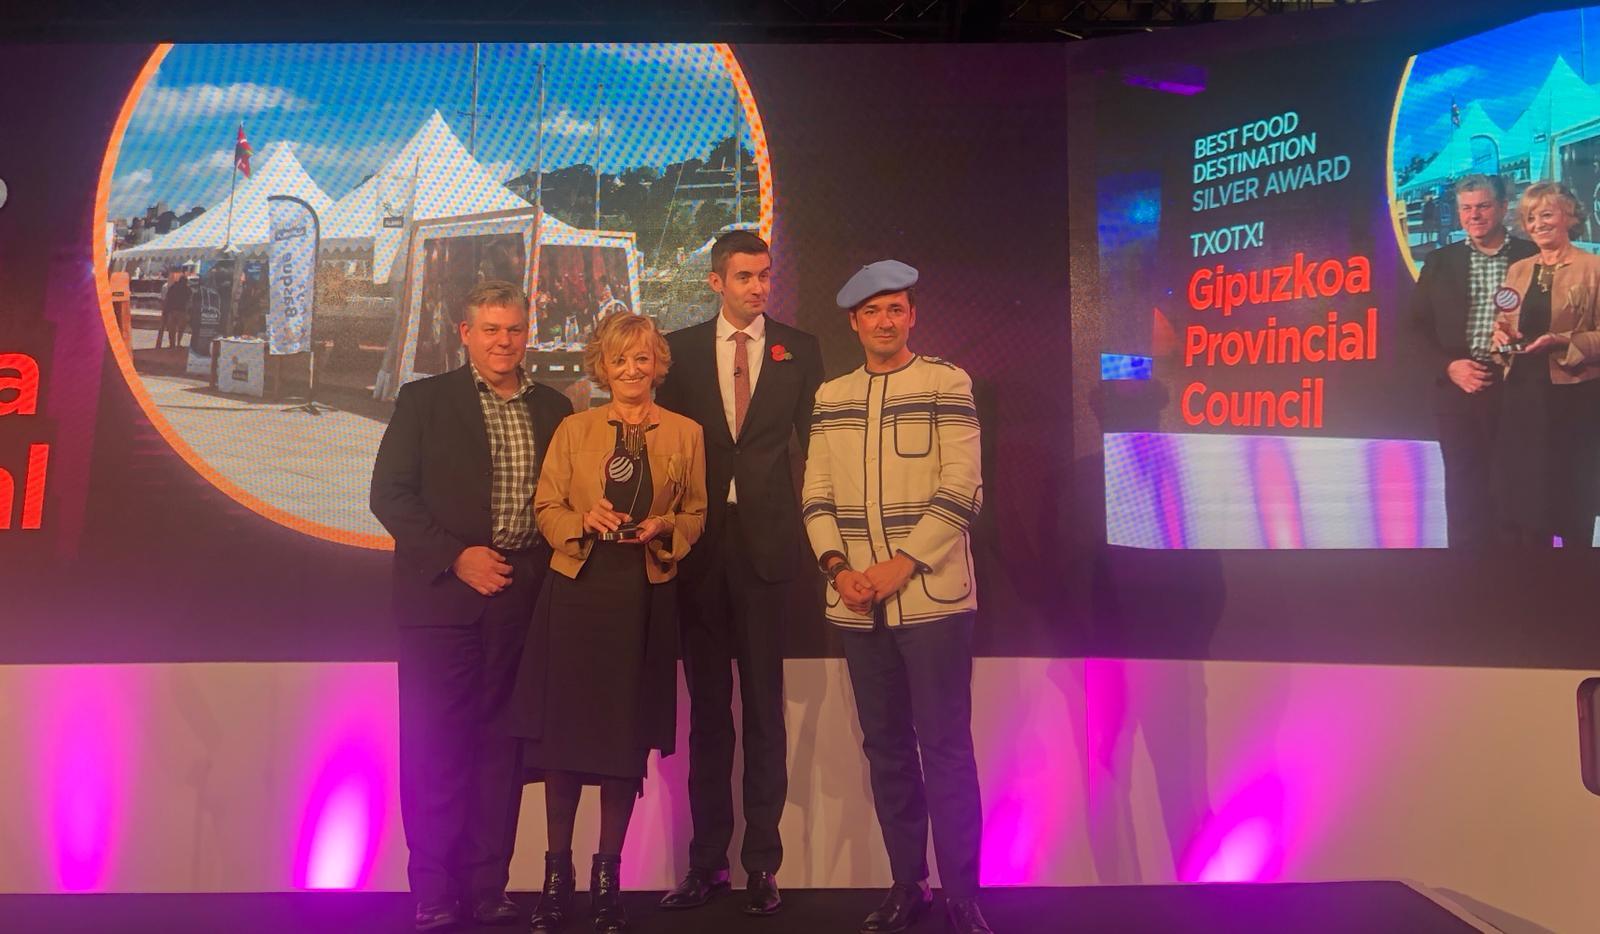 """""""Txotx! Euskal erritu gastronomikoa"""" kanpaina, saritua izan da Londres-eko """"International Travel & Tourism Awards"""" sarietan"""